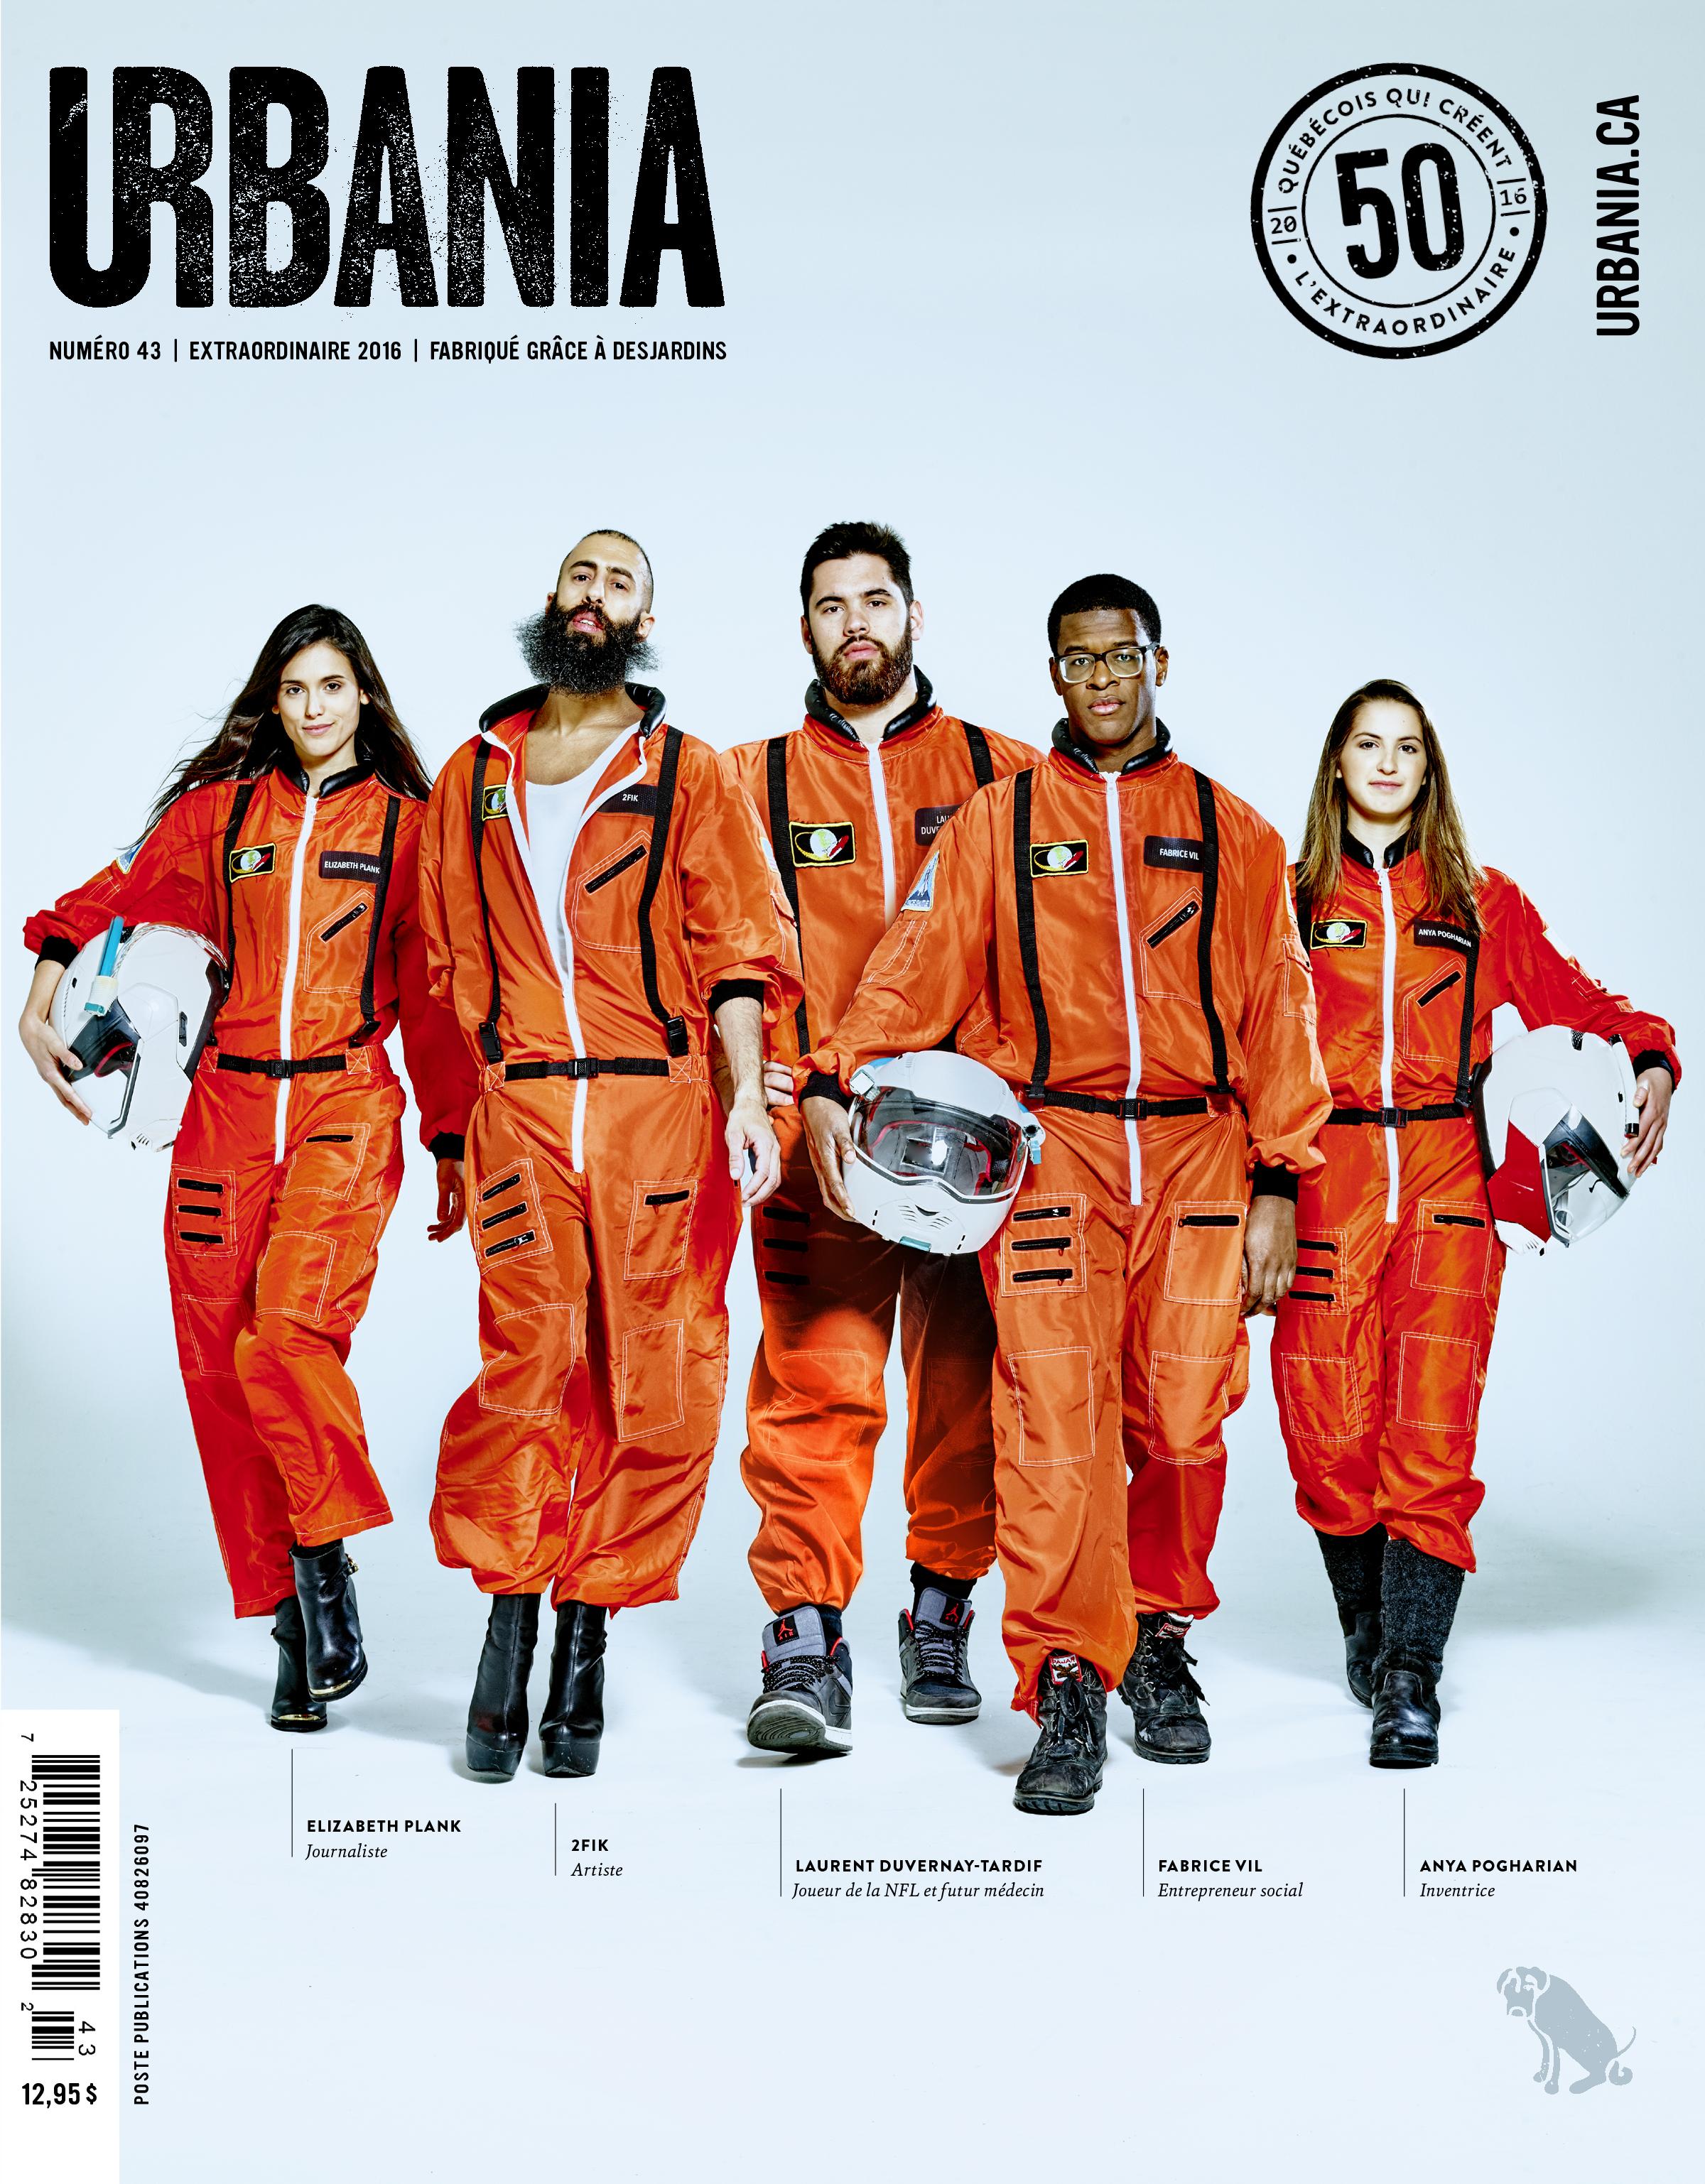 URBANIA-EXTRAORDINAIRE-2016-1